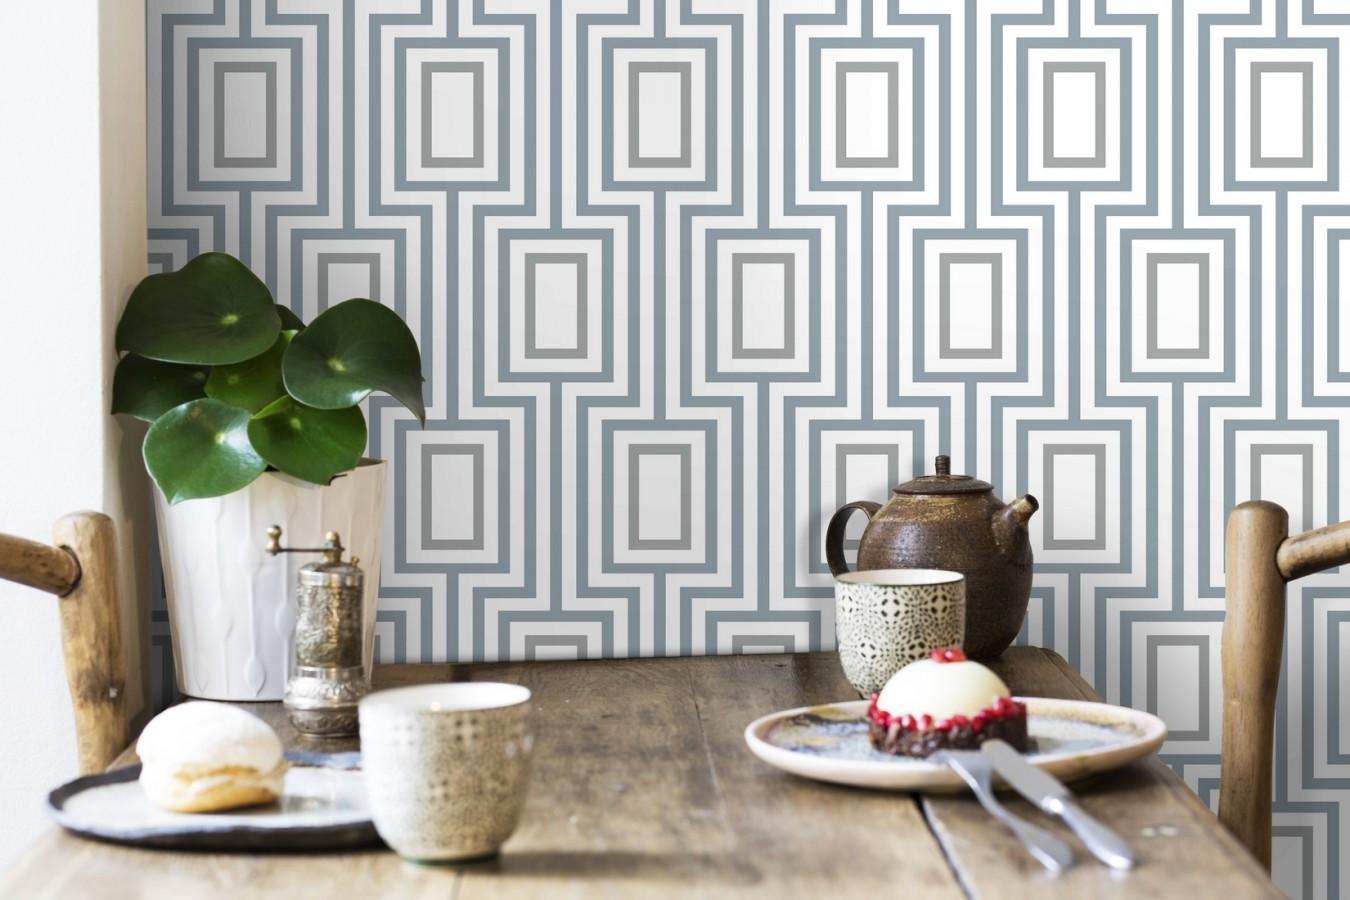 Papel pintado de rectángulos formando un laberinto Clarion 679685